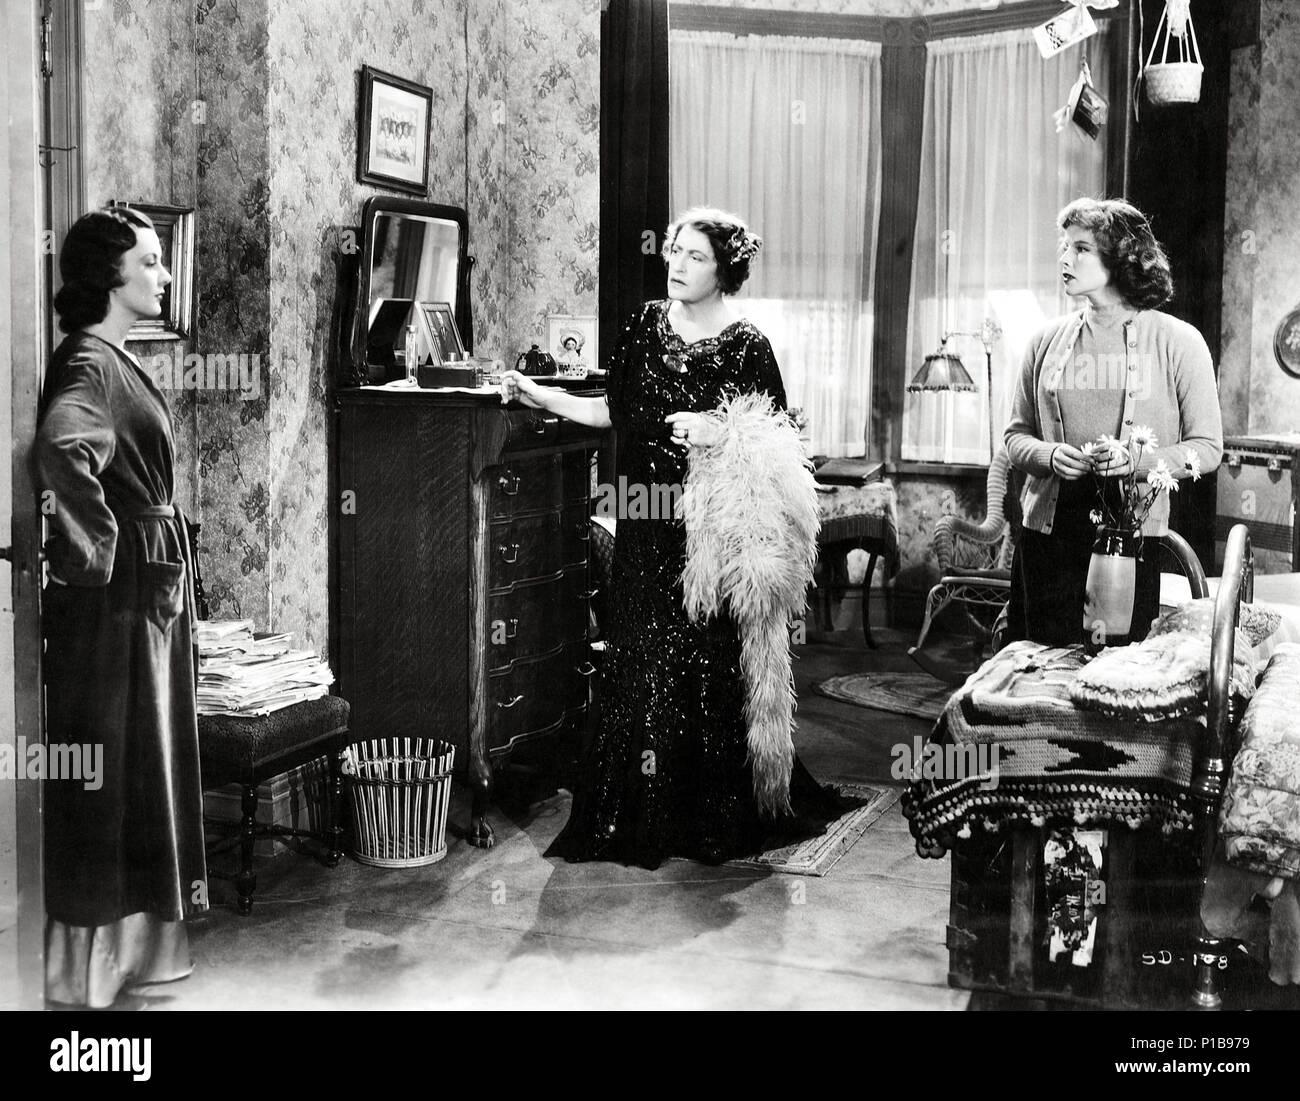 Original Film Title STAGE DOOR. English Title STAGE DOOR. Film Director GREGORY LA CAVA. Year 1937. Stars ANDREA LEEDS; KATHARINE HEPBURN; ... & Original Film Title: STAGE DOOR. English Title: STAGE DOOR. Film ...